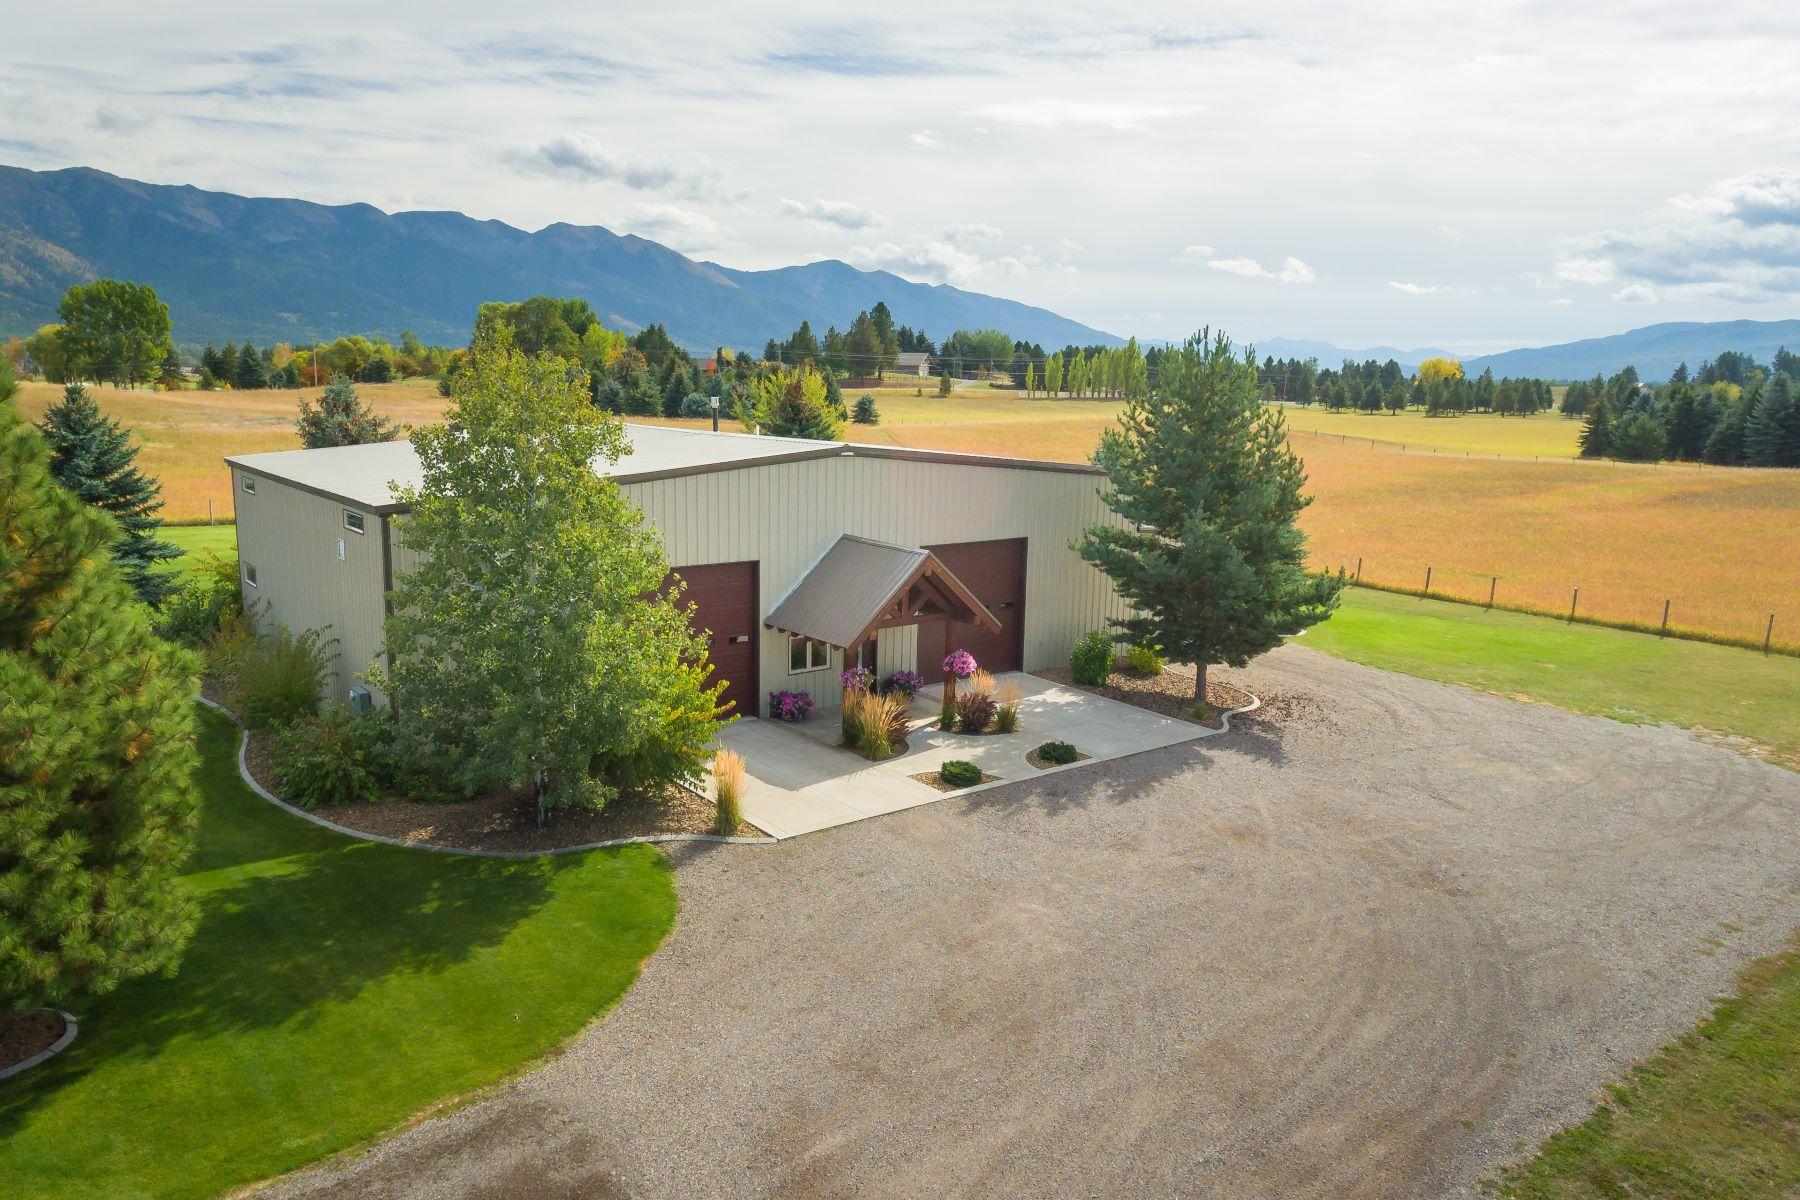 Casa para uma família para Venda às 150 Swan River Rd , Bigfork, MT 59911 150 Swan River Rd Bigfork, Montana, 59911 Estados Unidos